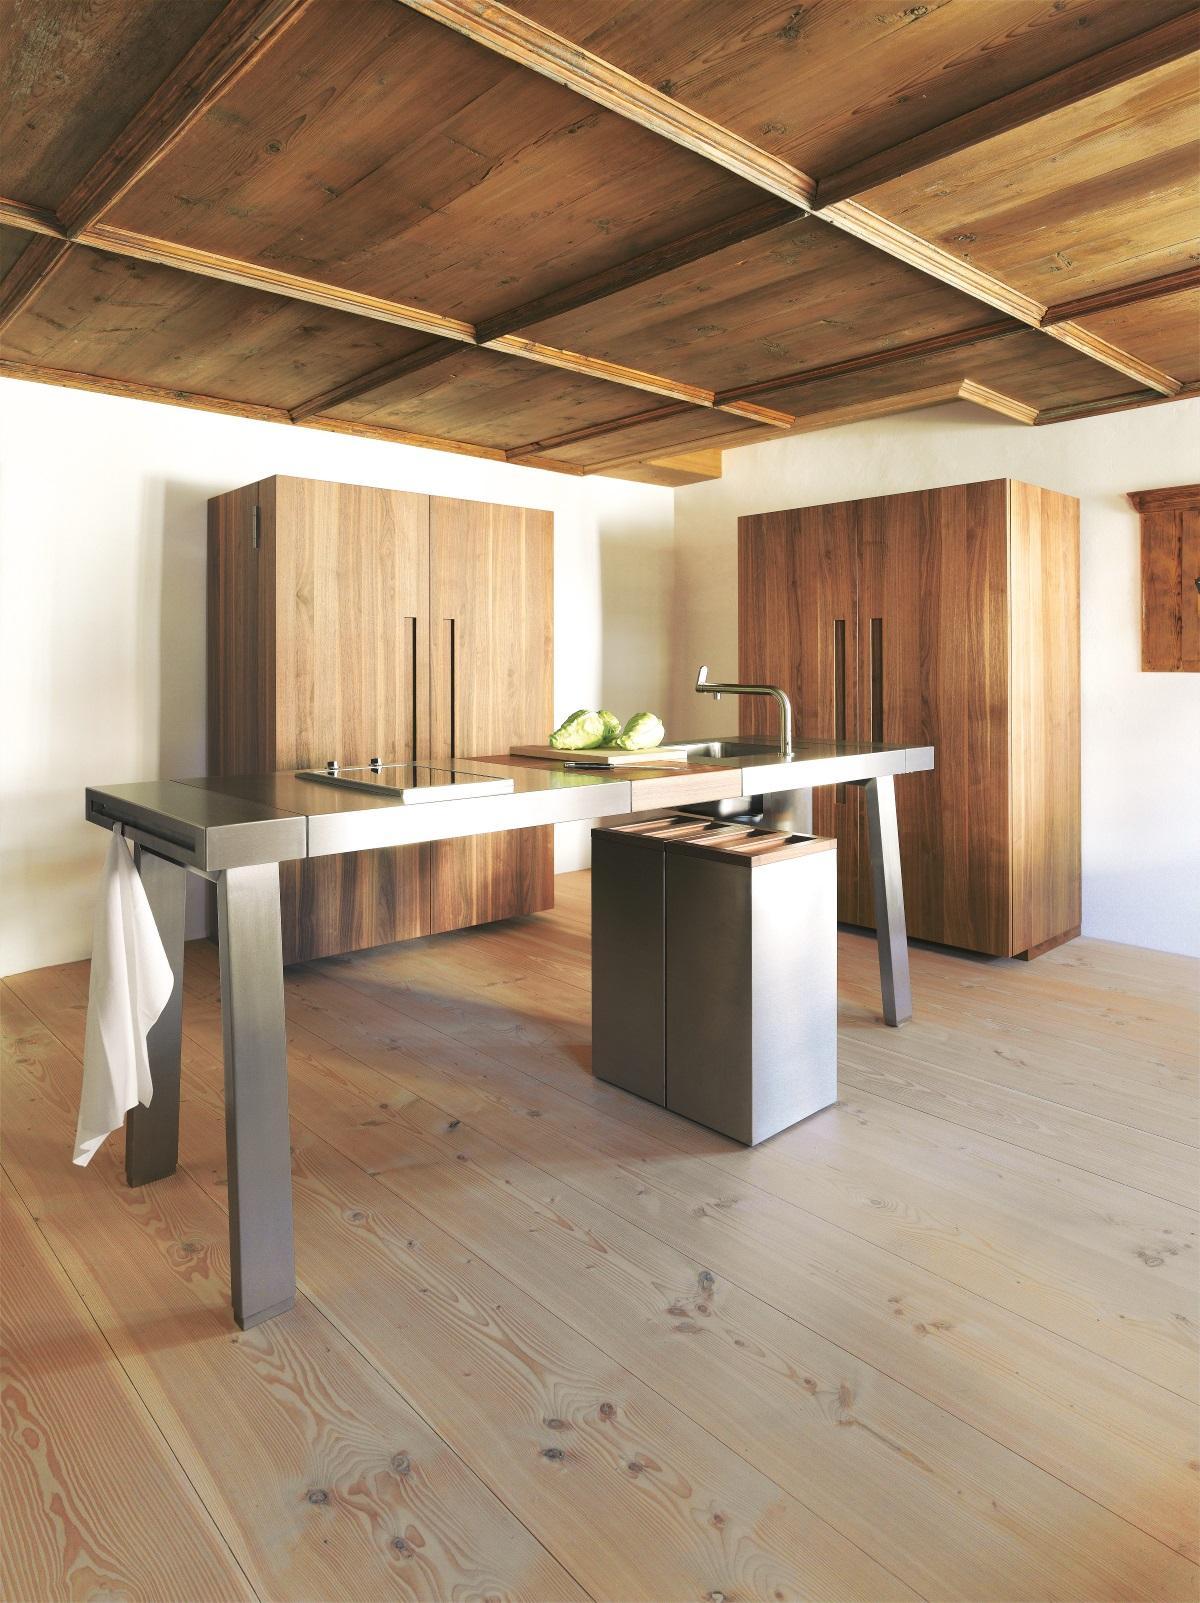 Küchentisch aus arbeitsplatte  Arbeitsplatte • Bilder & Ideen • COUCHstyle